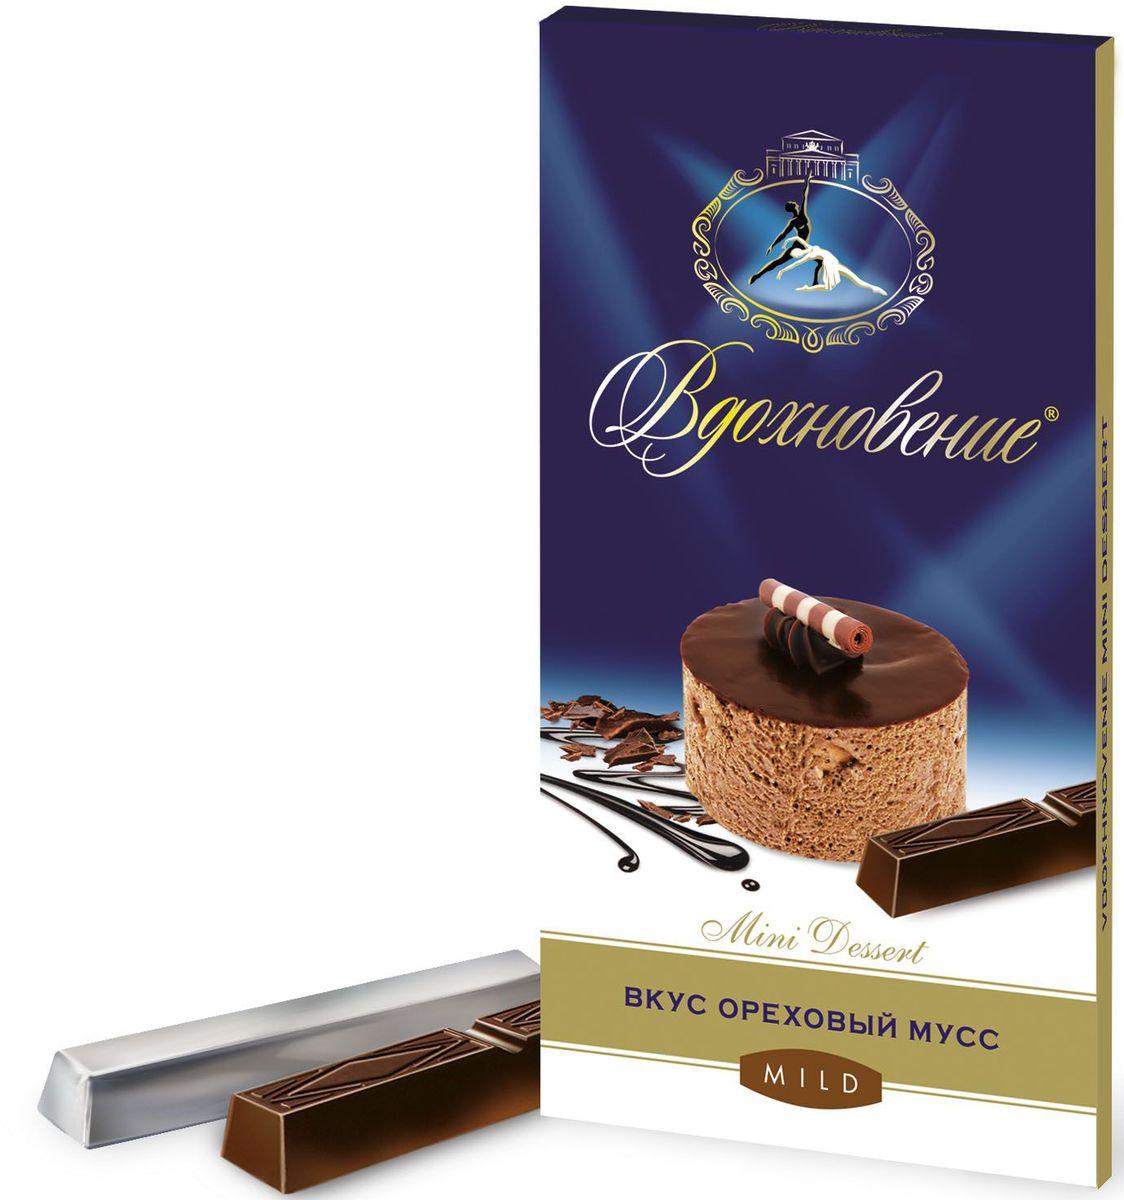 Бабаевский Вдохновение Mini Dessert вкус Ореховый мусс темный шоколад, 100 г династия лимончелло темный шоколад 100 г